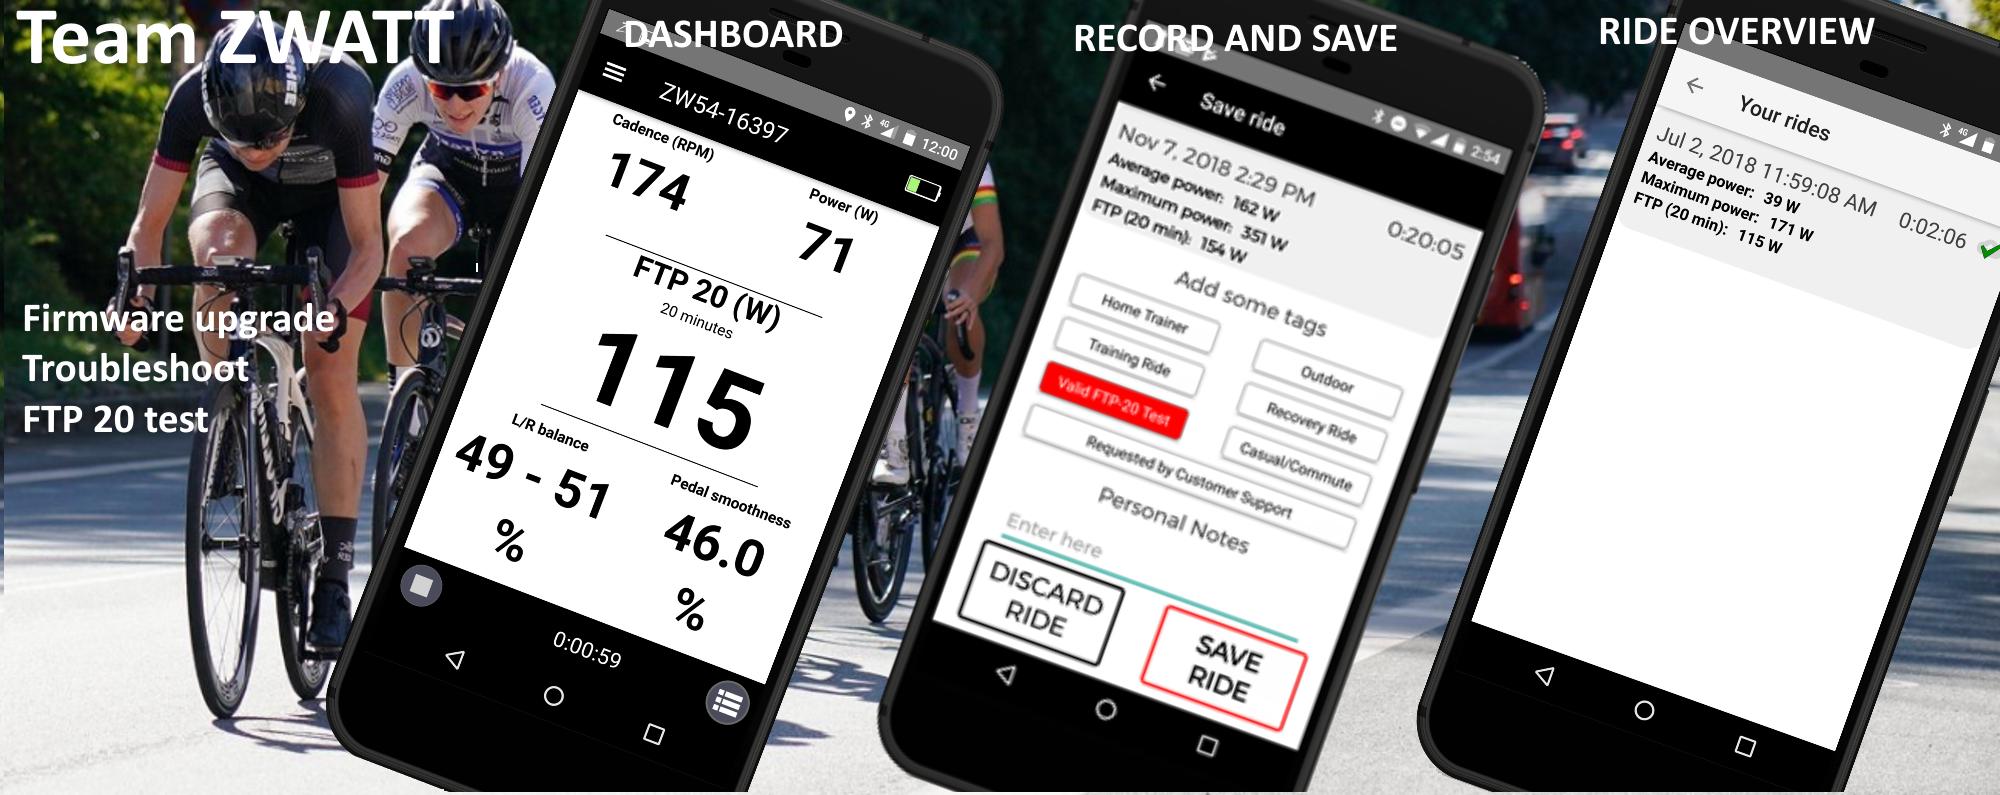 Power meter smartphone app